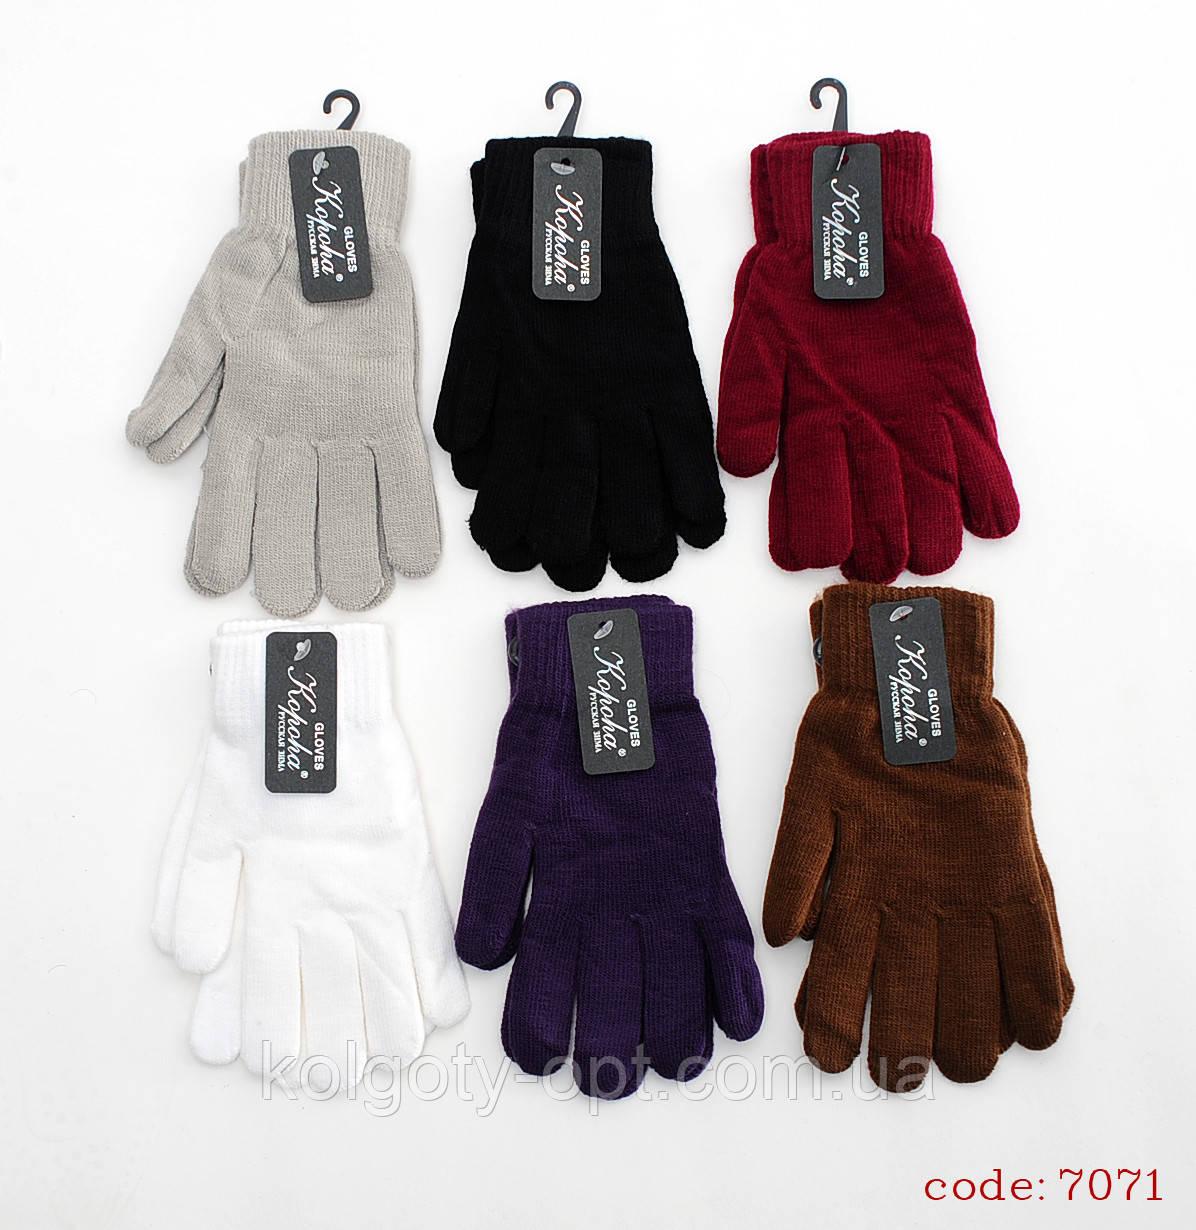 Перчатки женские стрейч цветные (продаются только от 12 пар)